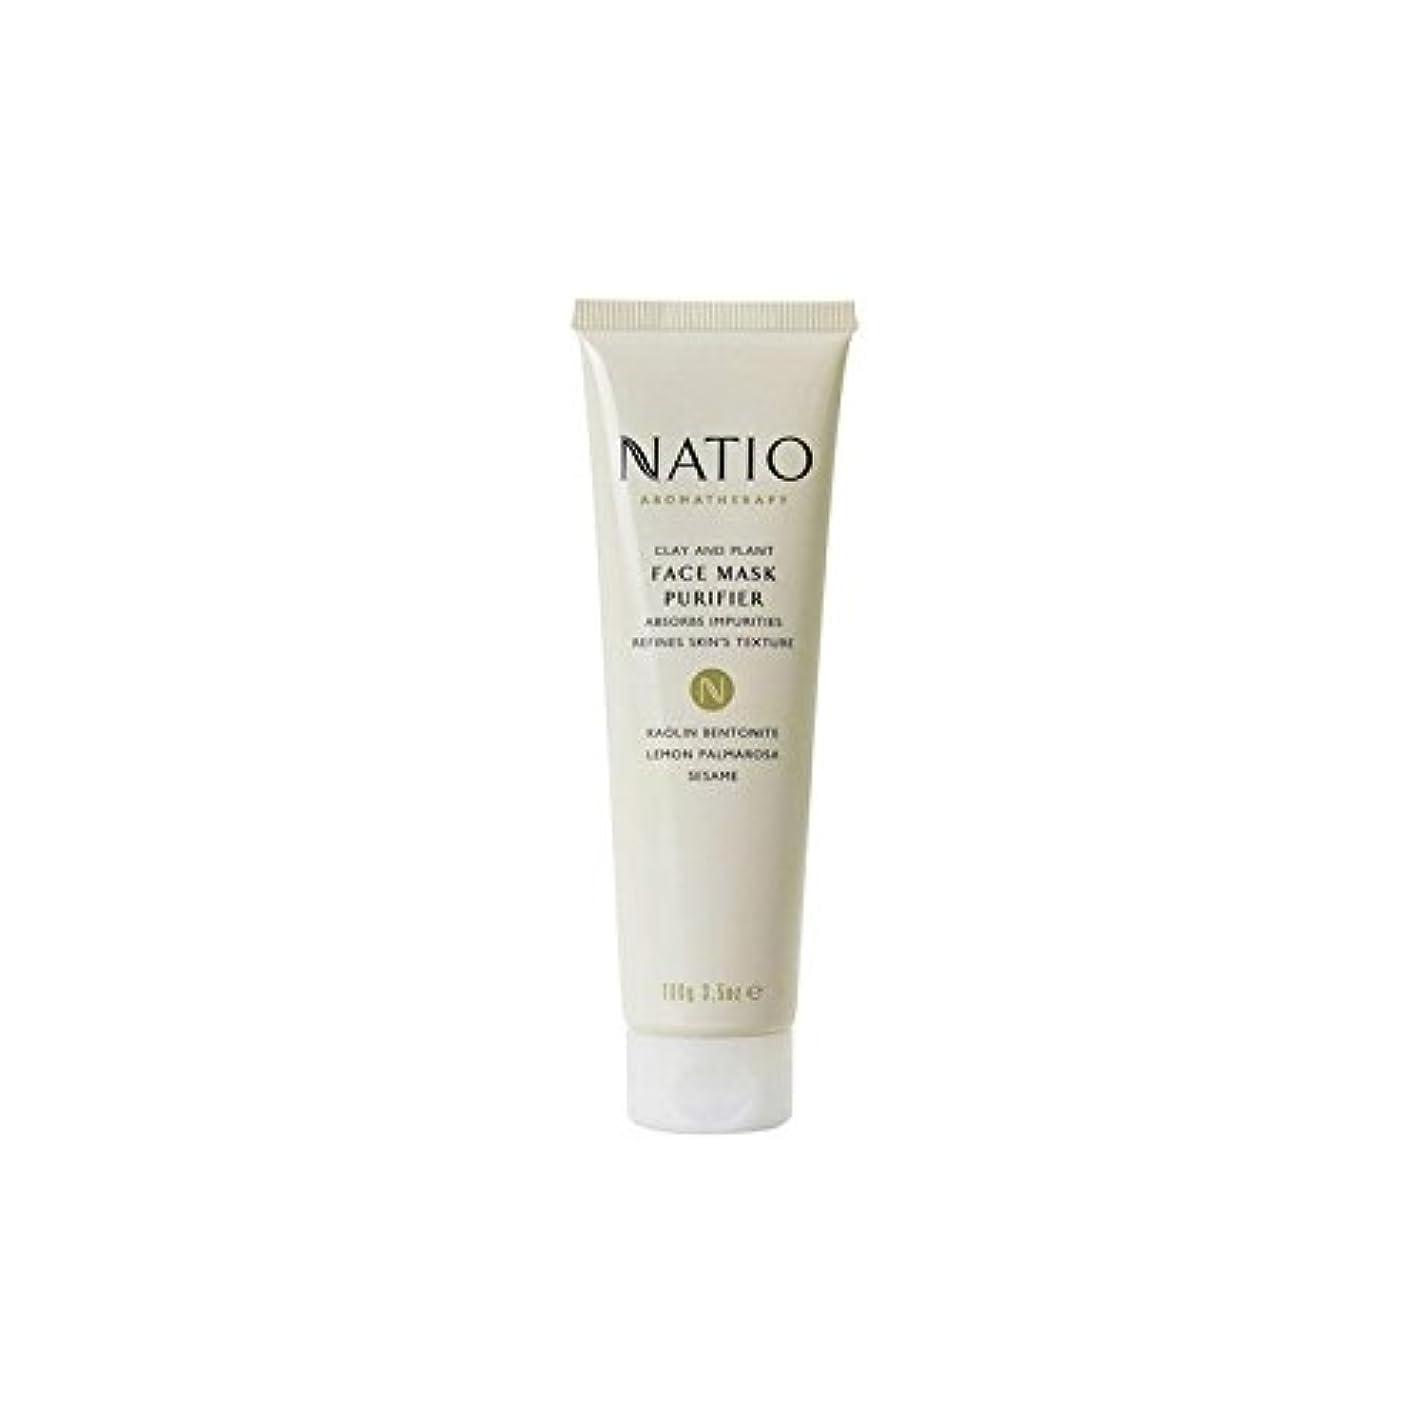 楽観列車部分的に粘土&植物フェイスマスクの浄化(100グラム) x4 - Natio Clay & Plant Face Mask Purifier (100G) (Pack of 4) [並行輸入品]